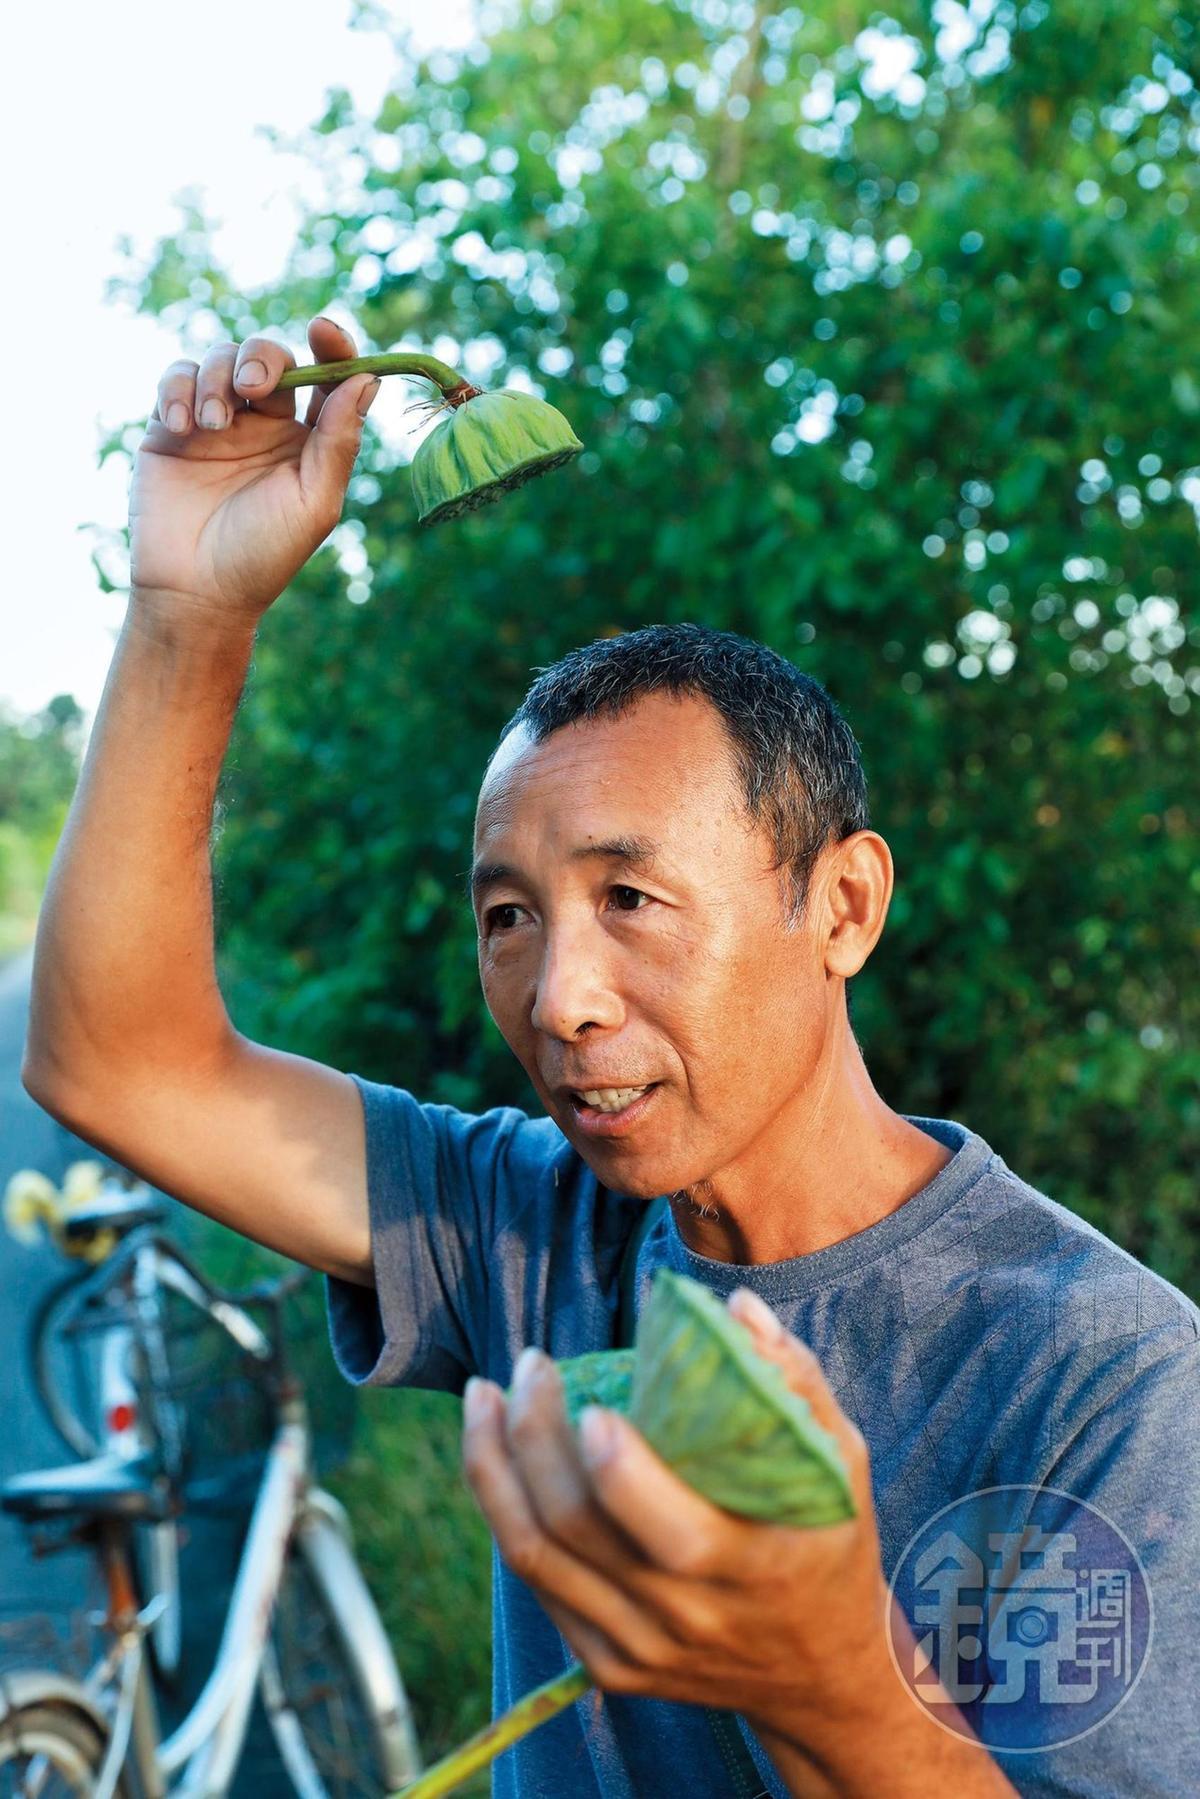 鄭秋郎說蓮蓬頭取名的靈感就是來自蓮蓬。